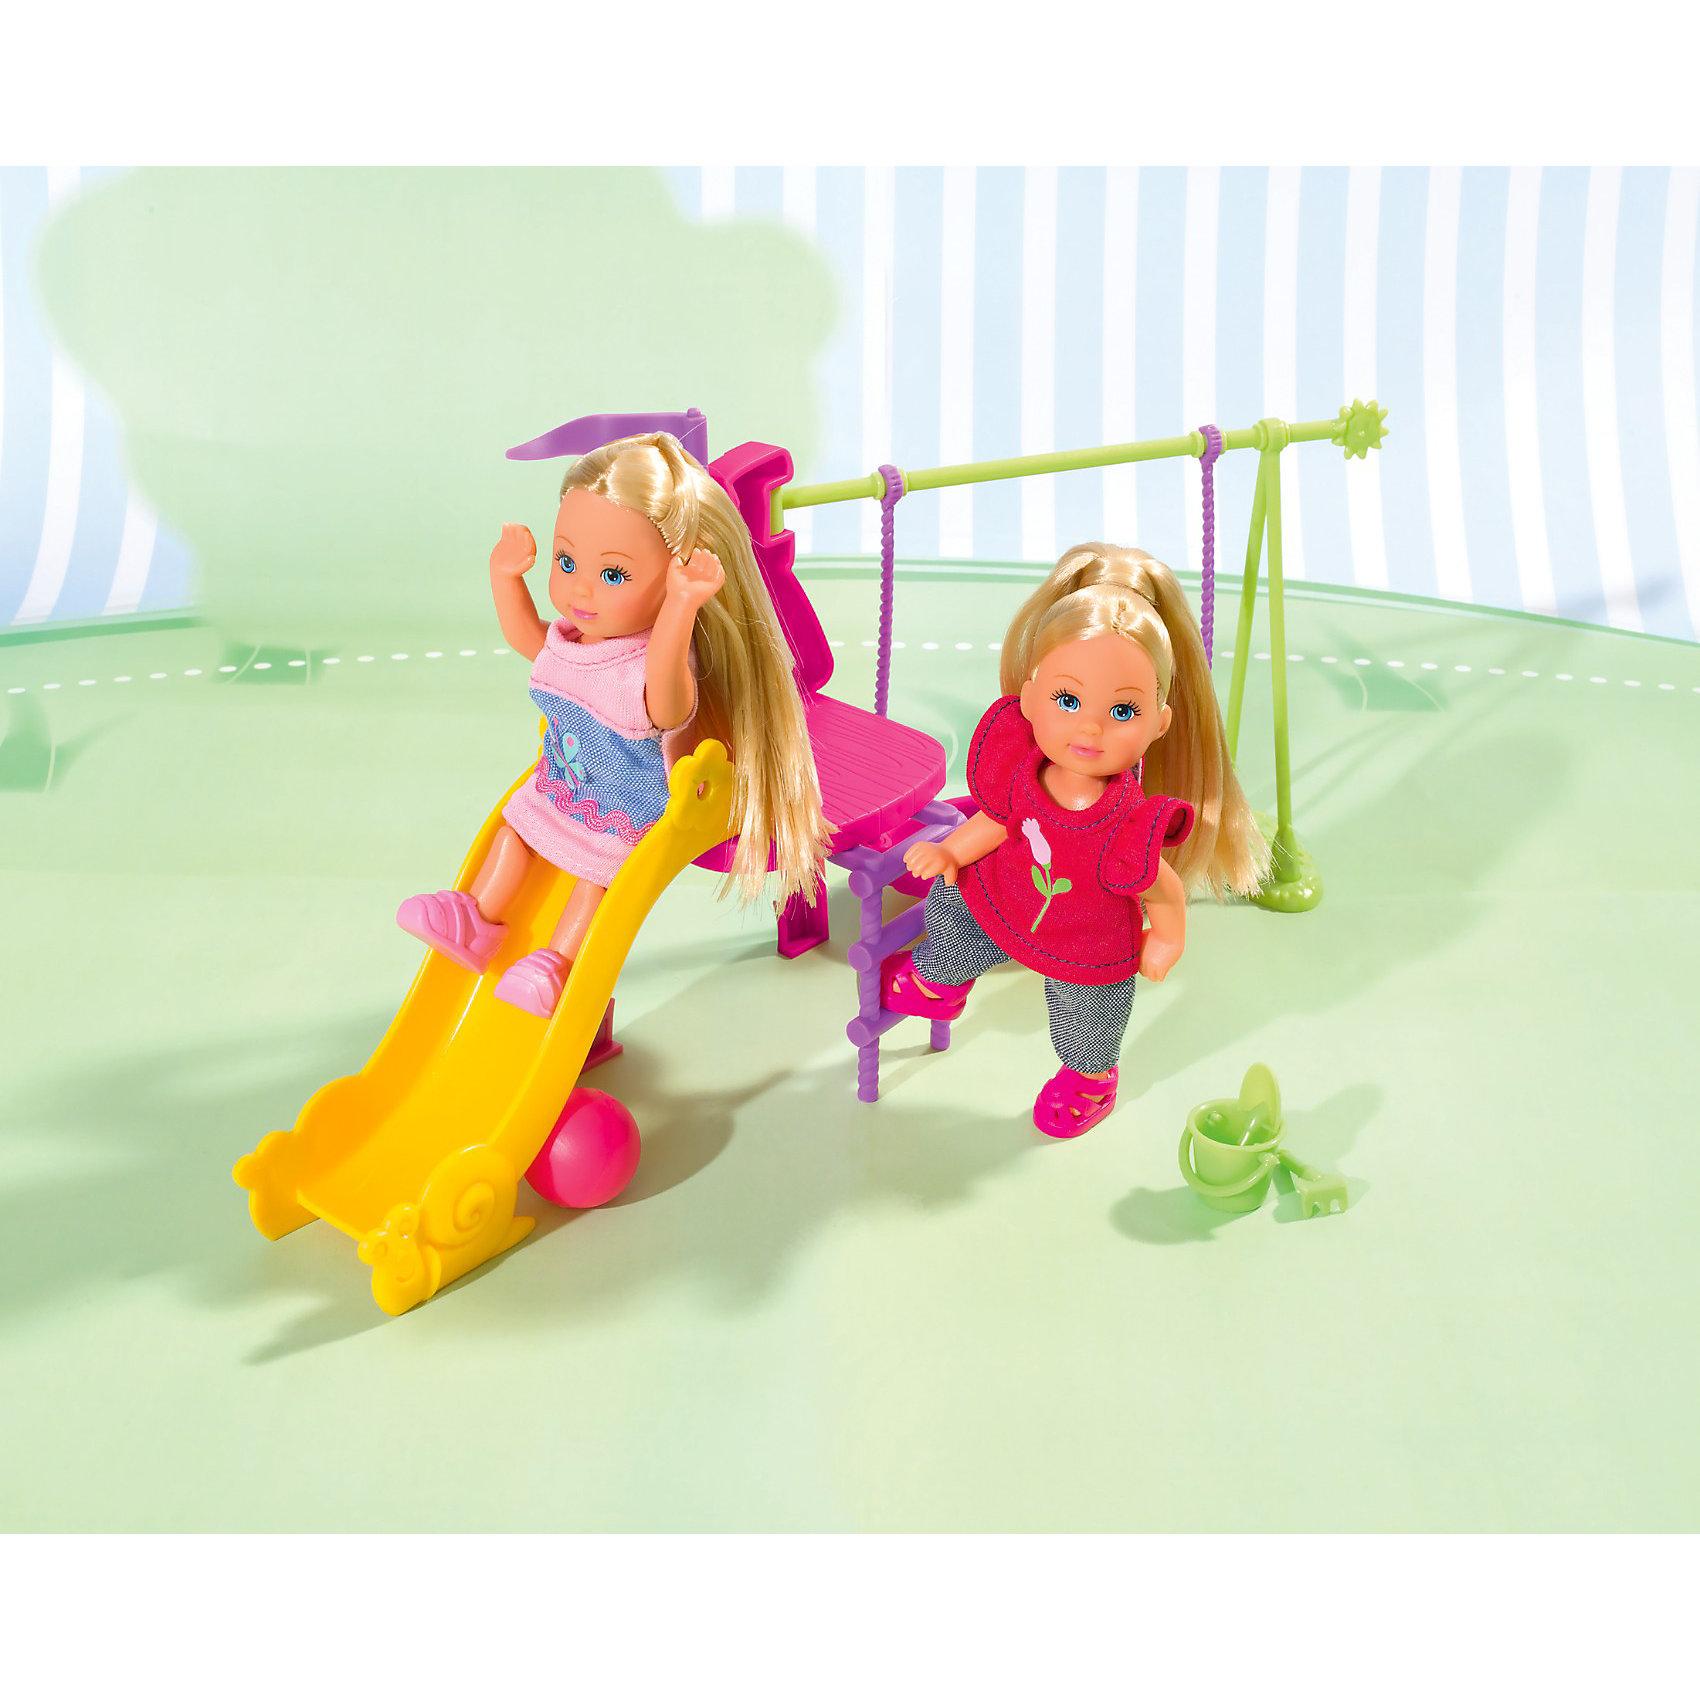 Набор Две Еви на детской игровой площадке, Steffi LoveВаша дочка непременно придет в восторг, получив в подарок Набор Две Еви на детской игровой площадке, Steffi Love (Штеффи Лав).<br><br>Еви как всегда стильно одеты. Одна Еви одета в светло-розовое с синим платье и светло-розовые кроссовки, а на второй - темно-розовая маечка с цветочком, серые штанишки и темно-розовые сандалии. Одежду и обувь при желании можно снять. Шикарные длинные волосы кукол можно расчесывать. <br><br>Характеристики:<br>-Подвижные ручки и ножки<br>-Компактный набор<br>-Развитие творческих способностей, фантазии, воображения, внимательности, мелкой моторики и координации<br><br>Комплектация: 2 куклы, горка, качели, мячик, совочек, ведерко, грабельки<br><br>Дополнительная информация:<br><br>- Размер: 9х32х16,5 см<br>- Размер куклы: 12 см<br>- Материалы: пластмасса<br><br>Играя с куклами этого набора, ваша девочка придумает множество сюжетно-ролевых игр.<br>И, конечно, забота о кукле воспитает в девочке все самые положительные качества!<br><br>Набор Две Еви на детской игровой площадке, Steffi Love (Штеффи Лав) можно купить в нашем магазине.<br><br>Ширина мм: 327<br>Глубина мм: 167<br>Высота мм: 93<br>Вес г: 310<br>Возраст от месяцев: 36<br>Возраст до месяцев: 60<br>Пол: Женский<br>Возраст: Детский<br>SKU: 3178480